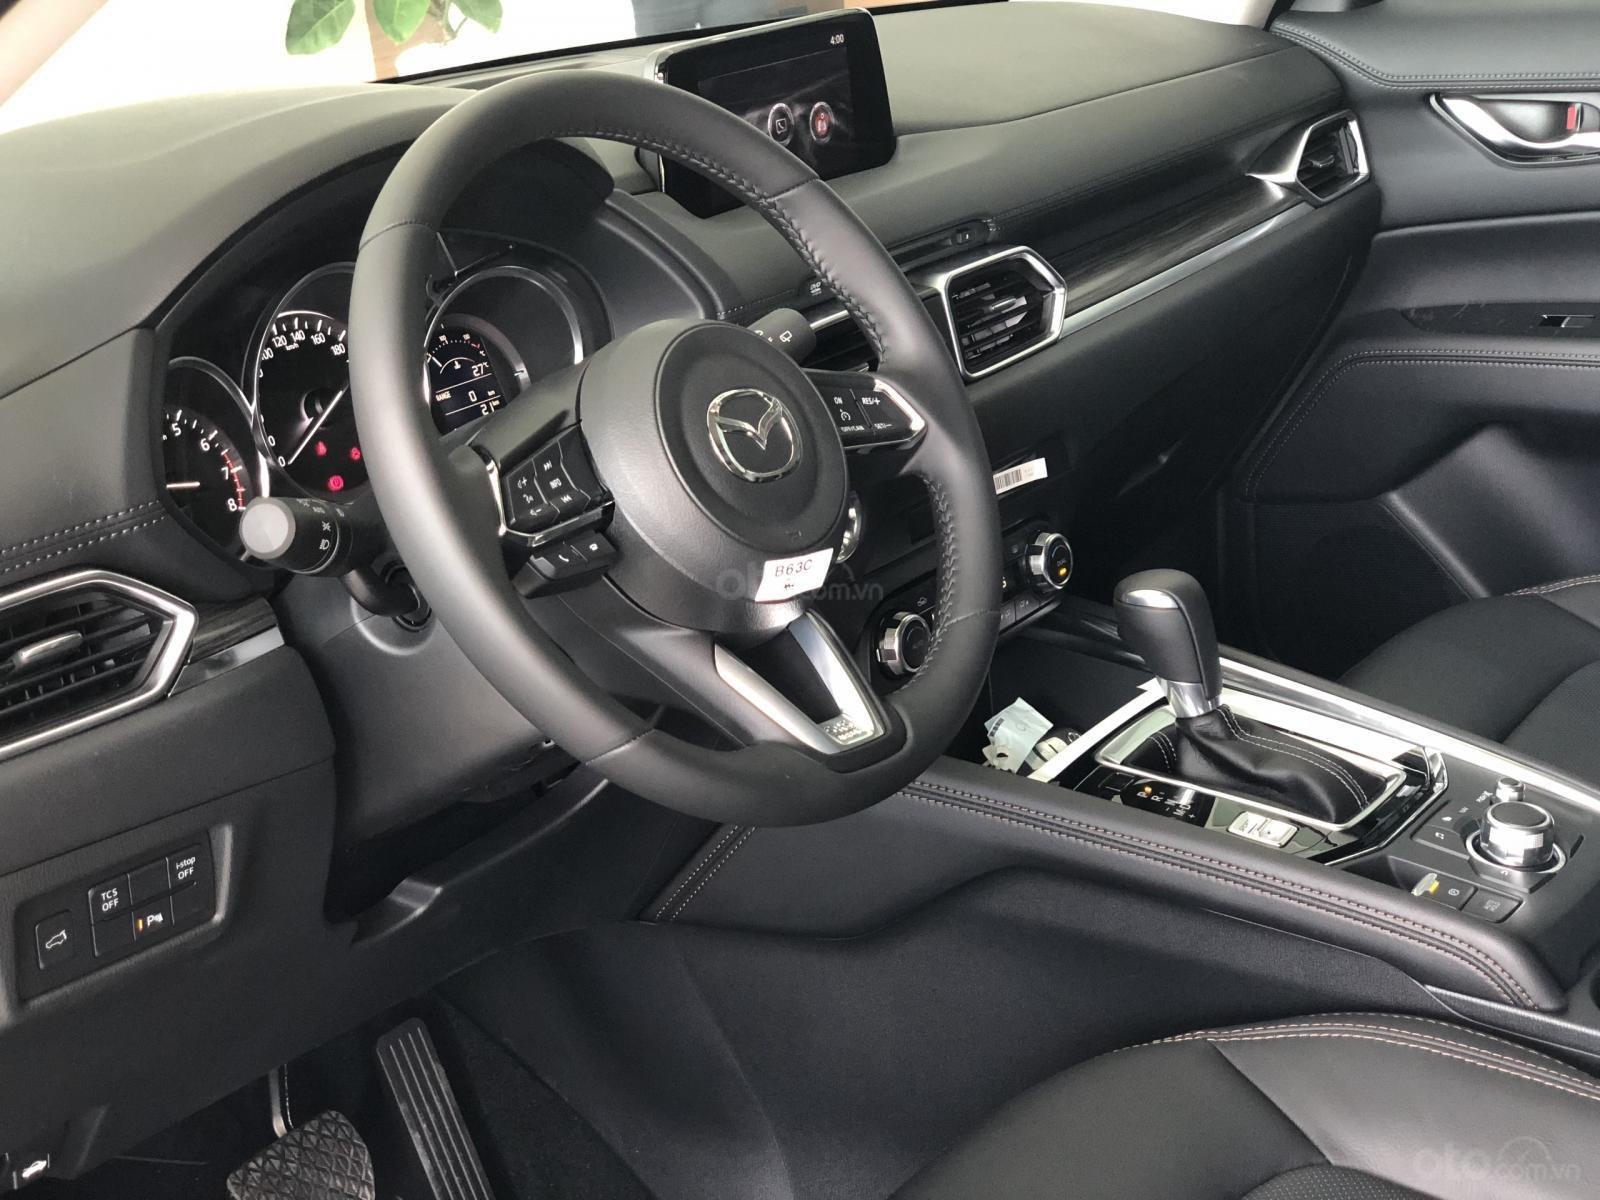 Nhanh tay sở hữu Mazda CX-5 2.5 2WD 2019 - Tặng bảo hiểm vật chất + giảm tiền mặt hấp dẫn (7)